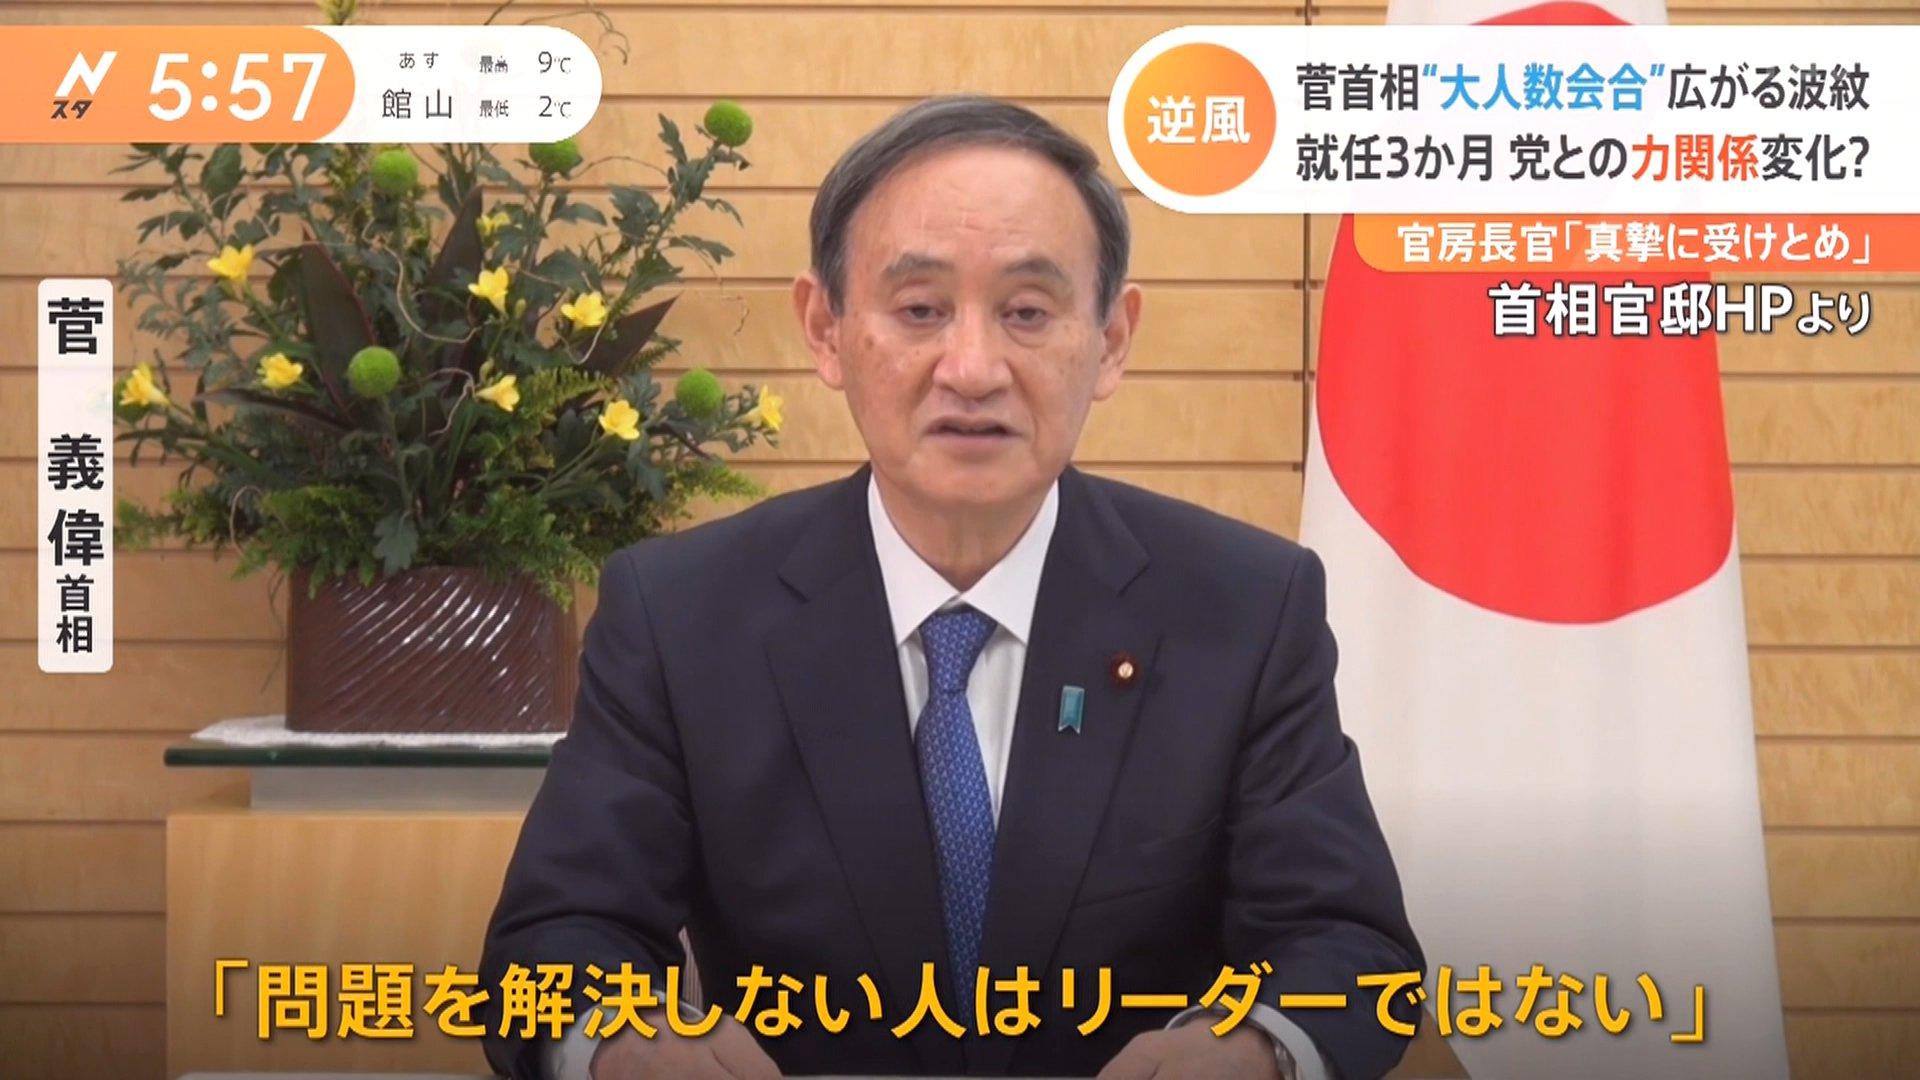 【スダレ悲報】菅義偉総理「ほなら生活保護受ければええやんwww」